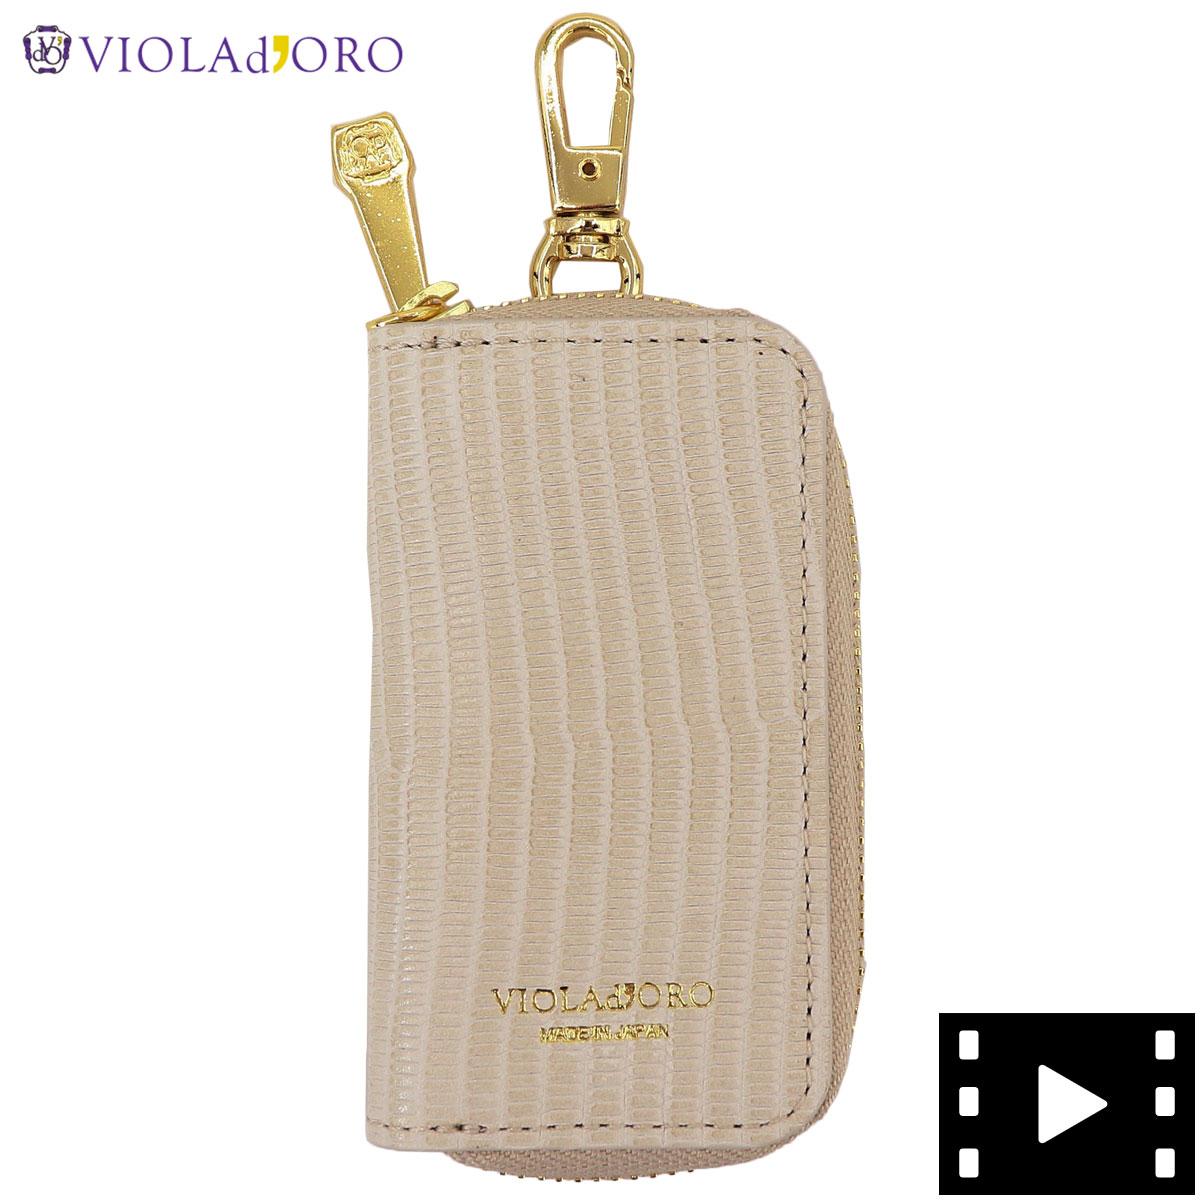 ヴィオラドーロ VIOLAd'ORO レディース リザード型押しレザー ラウンドジップ スマートキーケース V-1383 VLD ICE GRAY(アイスグレー)秋冬新作